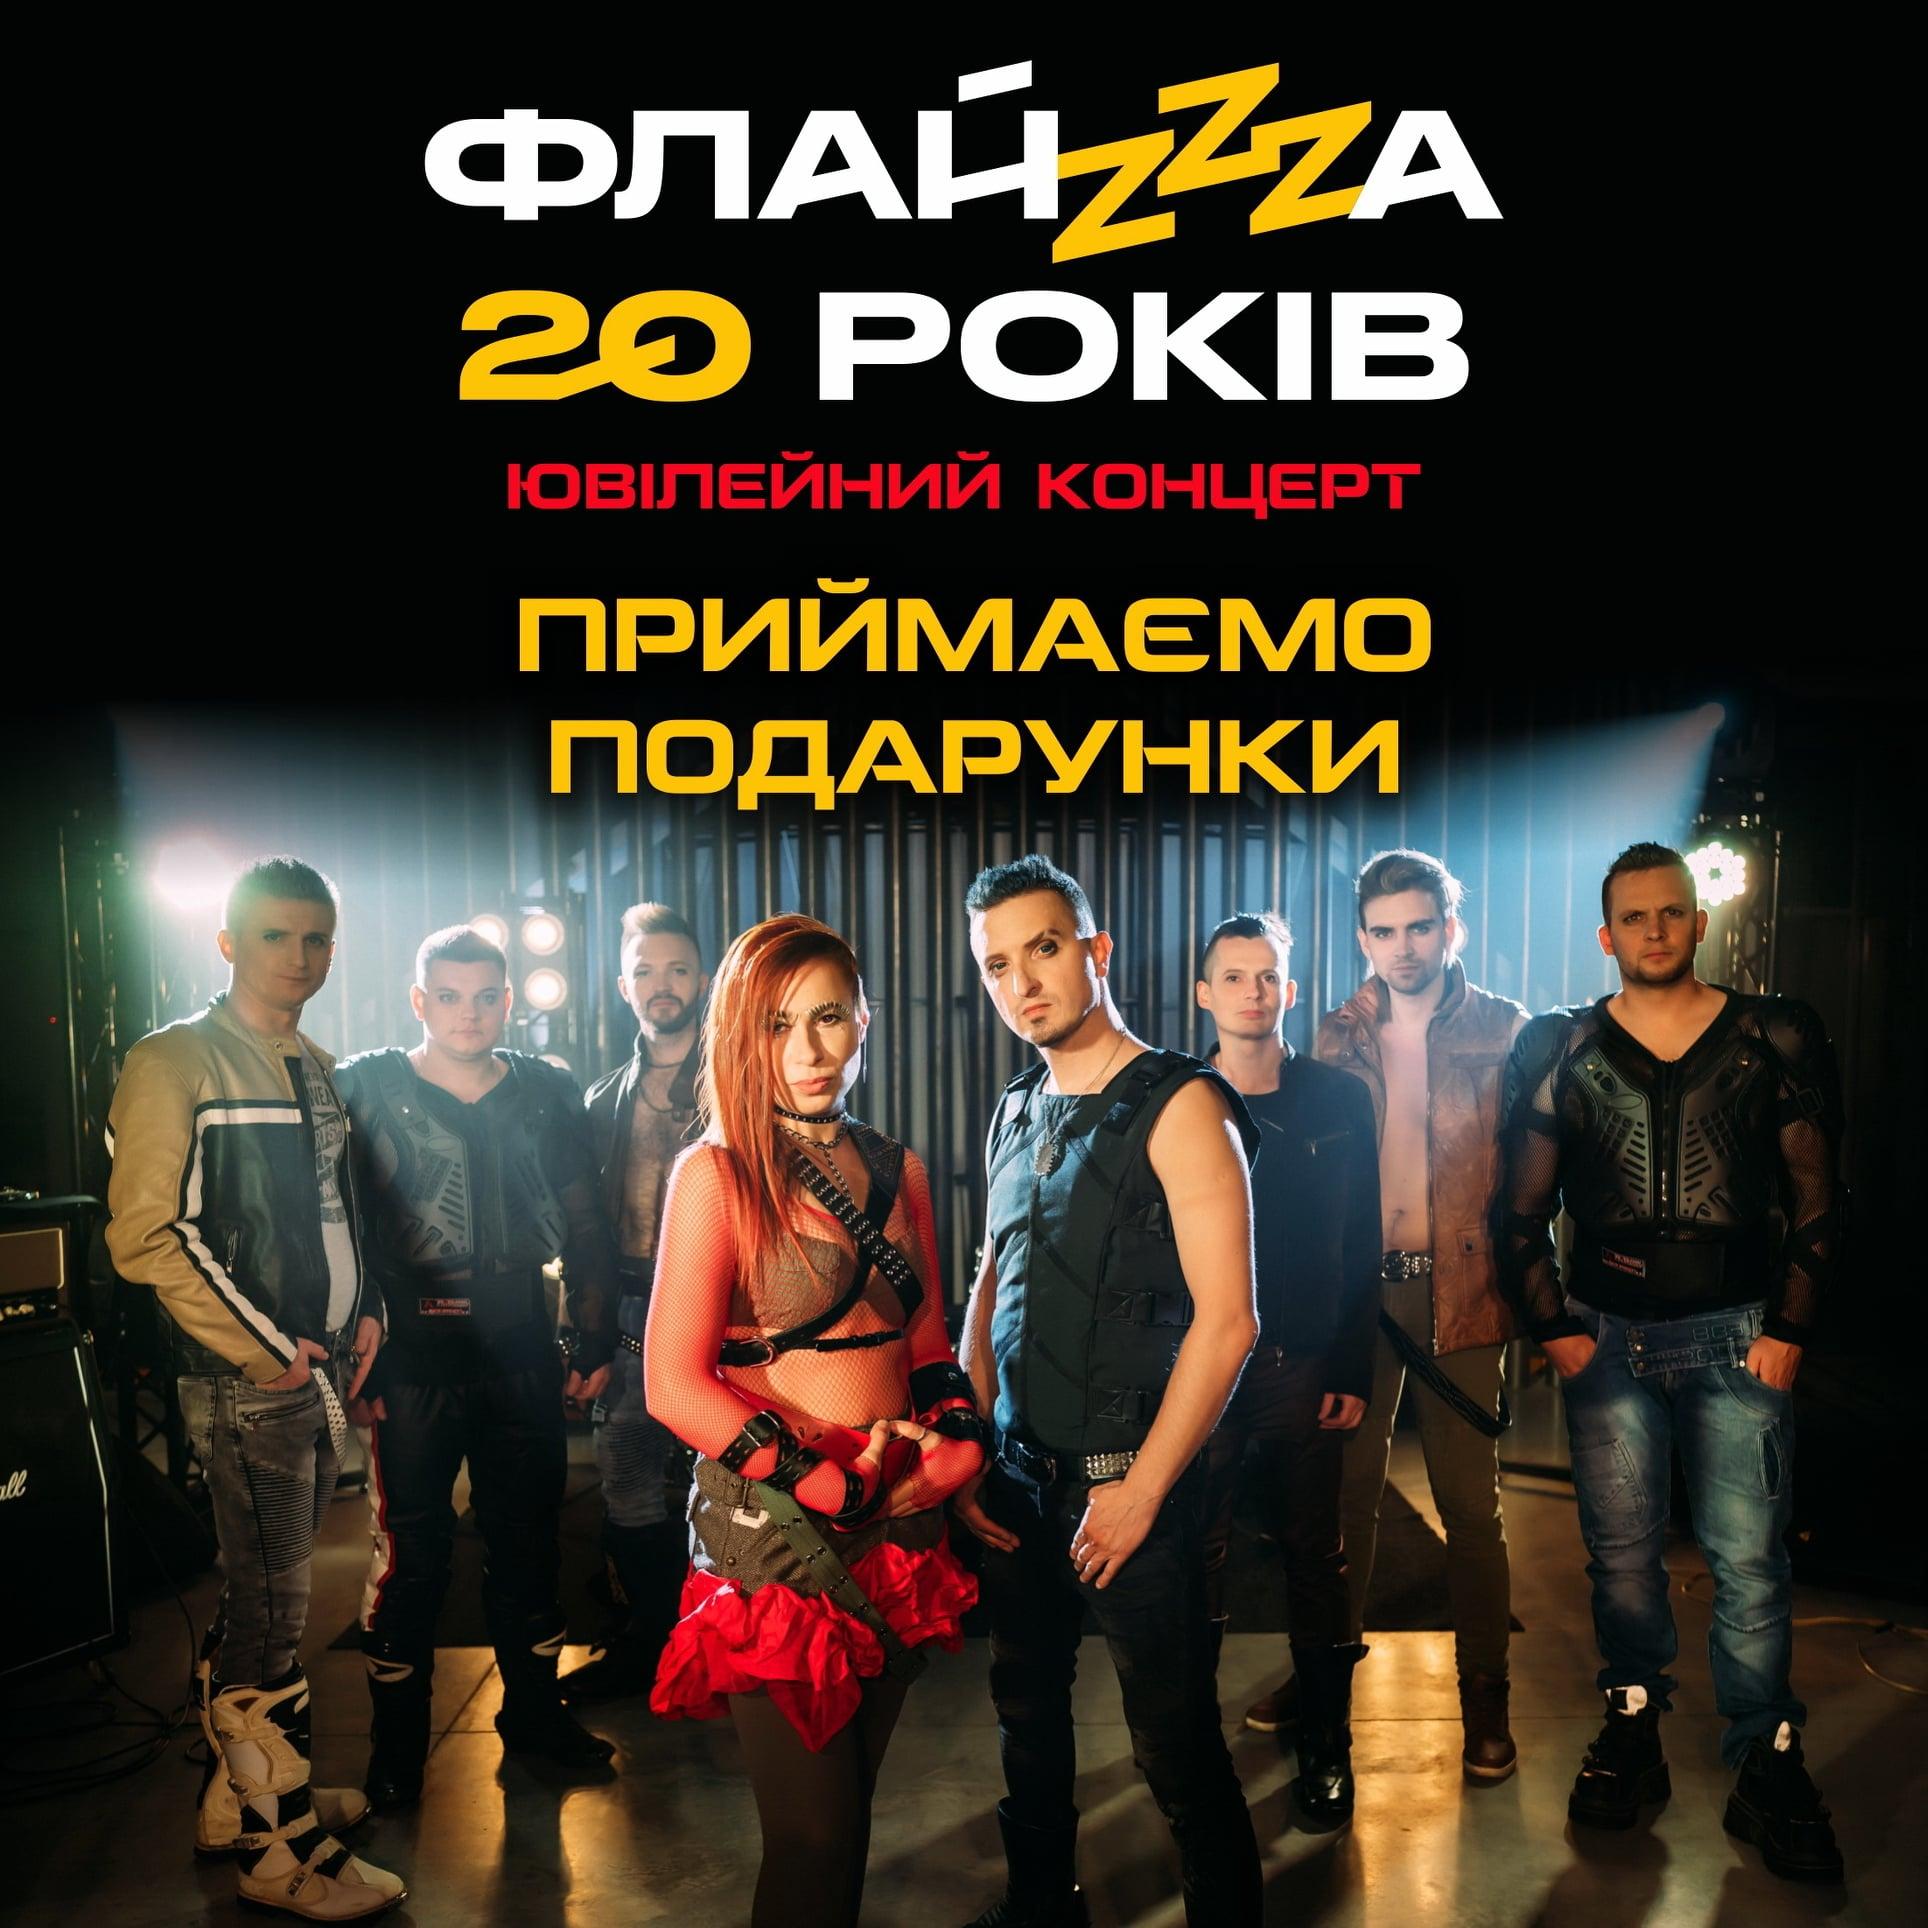 «ФлайzZzа» організовує святковий концерт і просить волинян підтримати їх донейтами